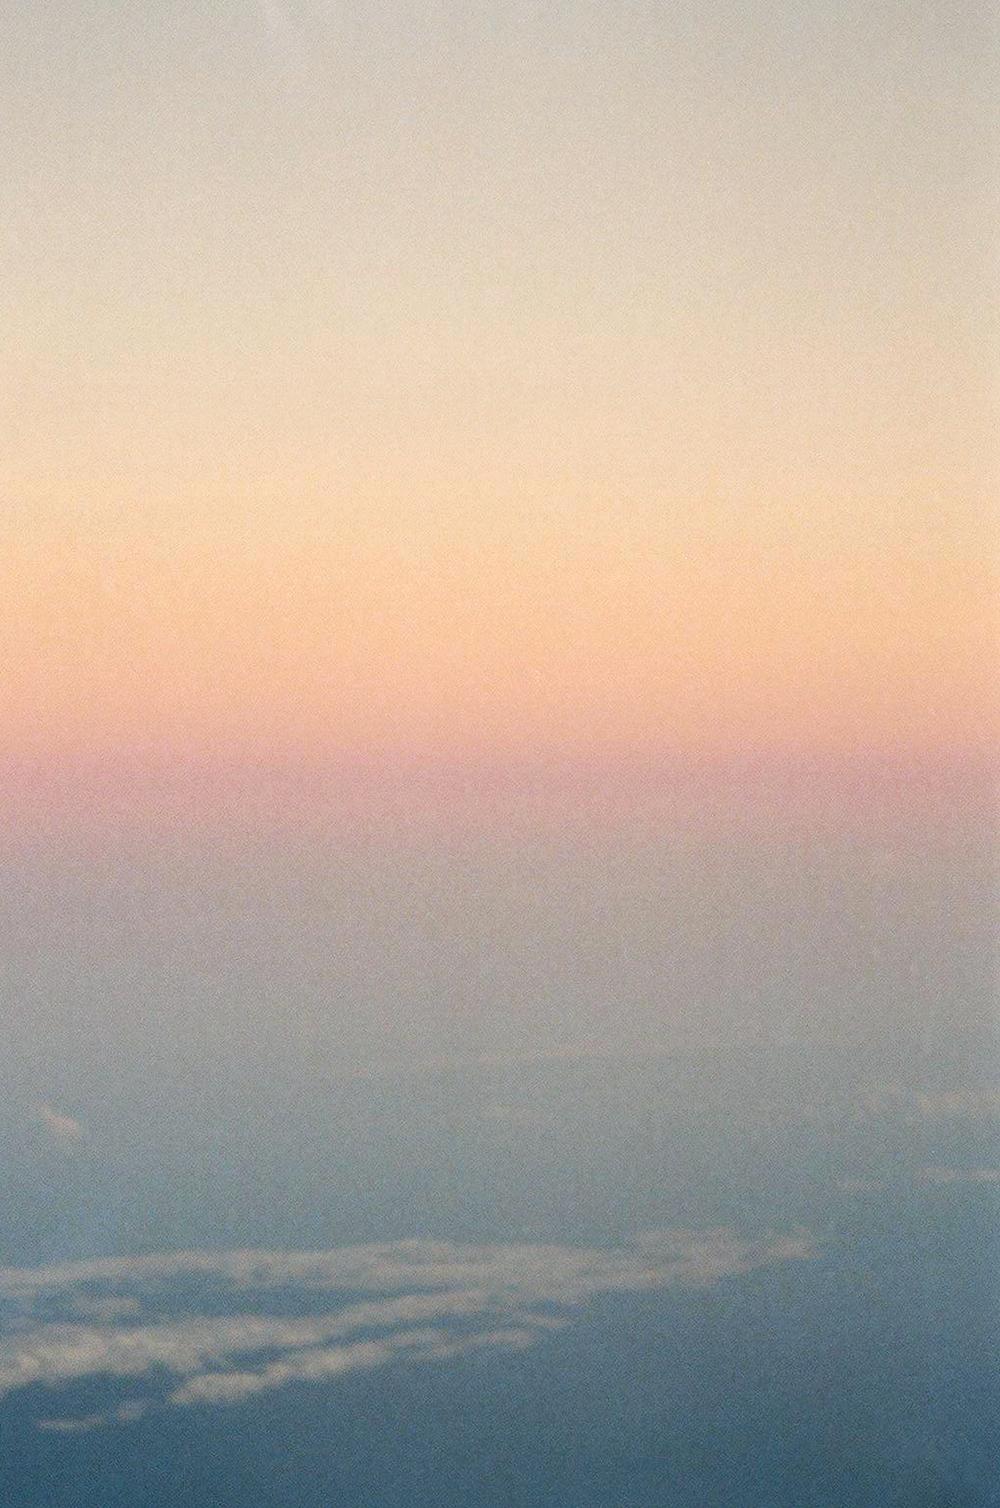 sunsetplanesky.png